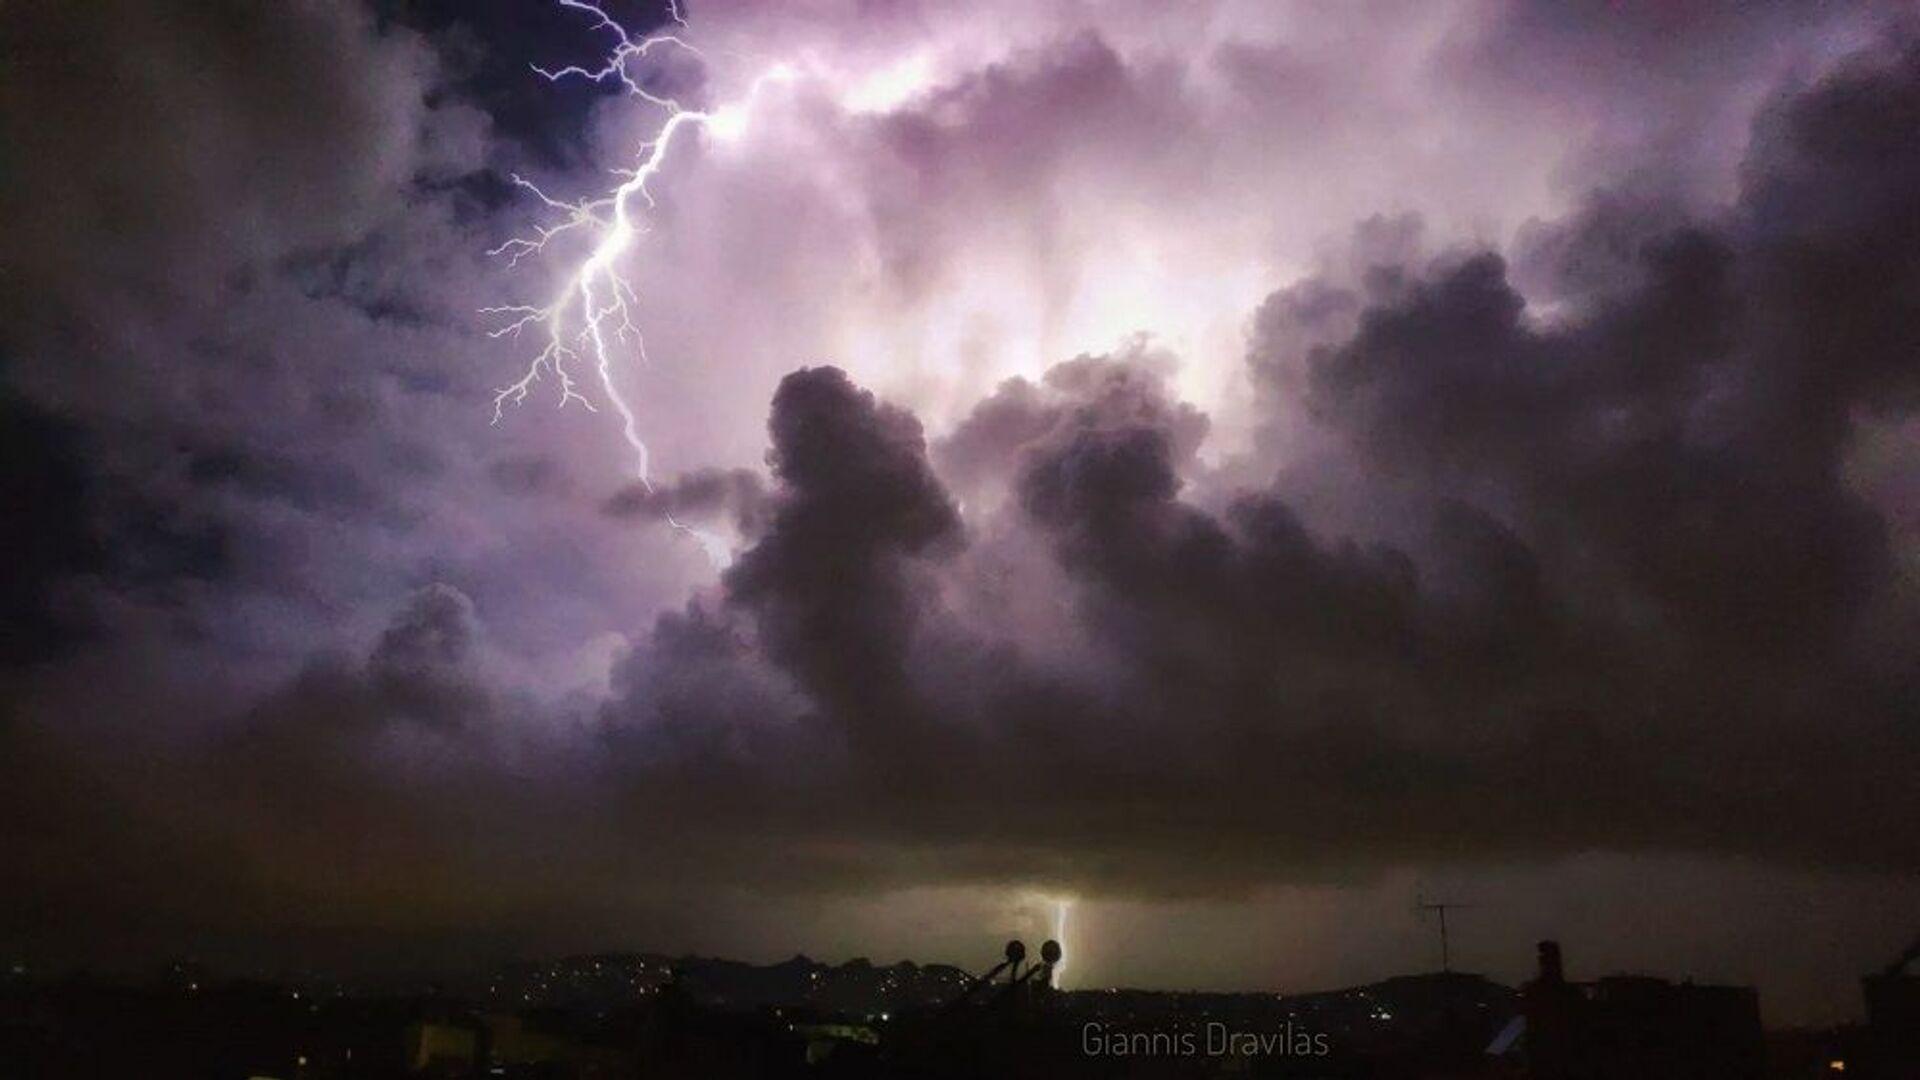 Καταιγίδα στην Αττική - Sputnik Ελλάδα, 1920, 13.10.2021